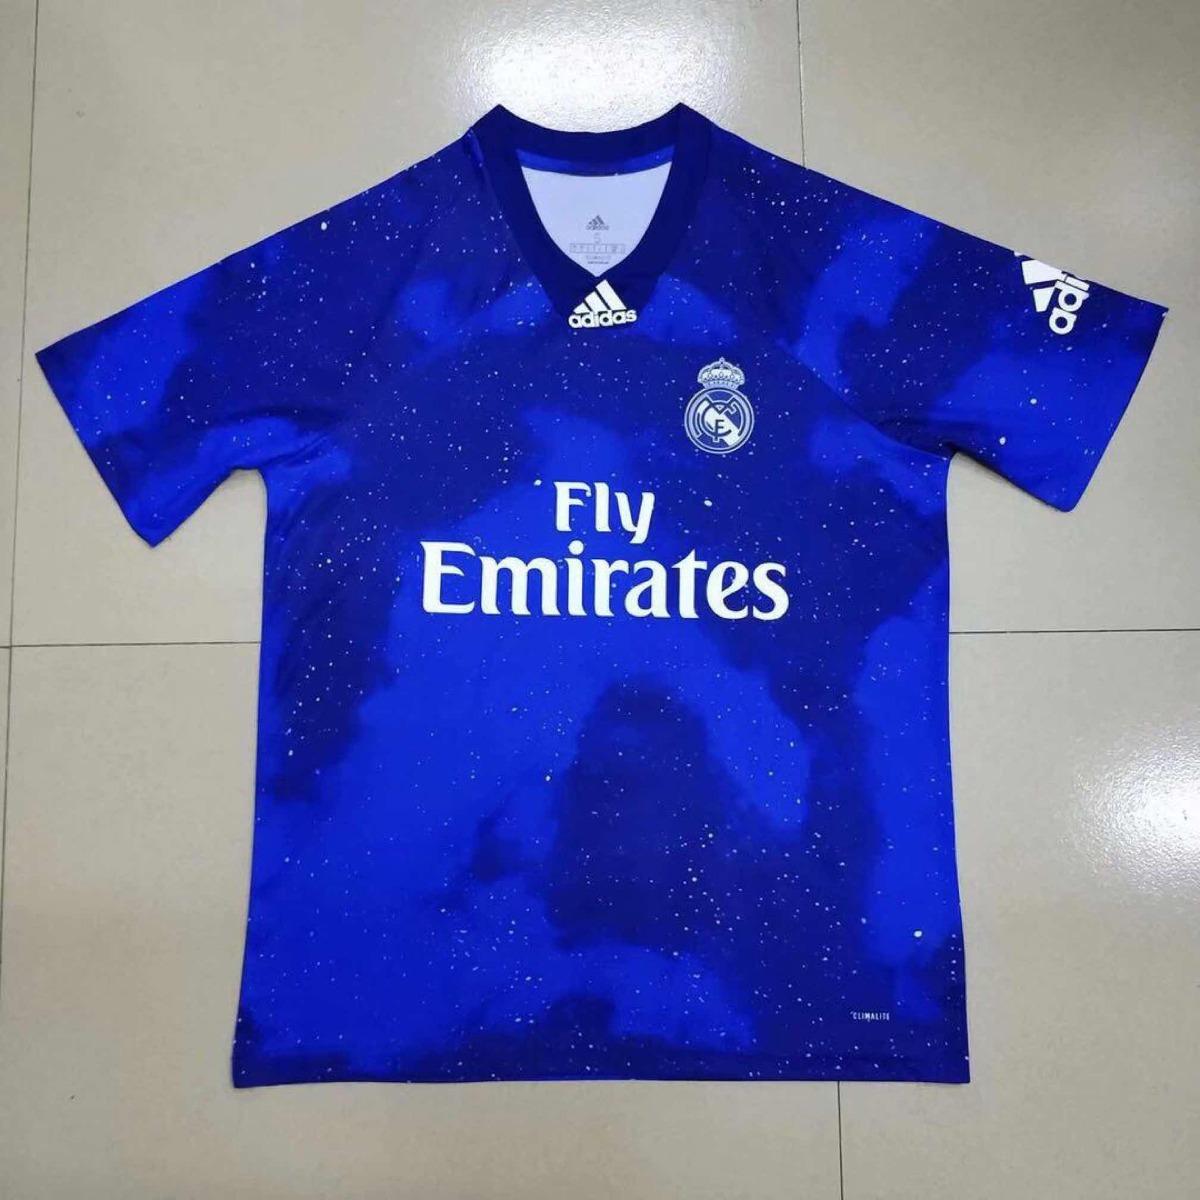 camisa real madrid edição limitada adidas x ea sports. Carregando zoom. c055cc21fbc75